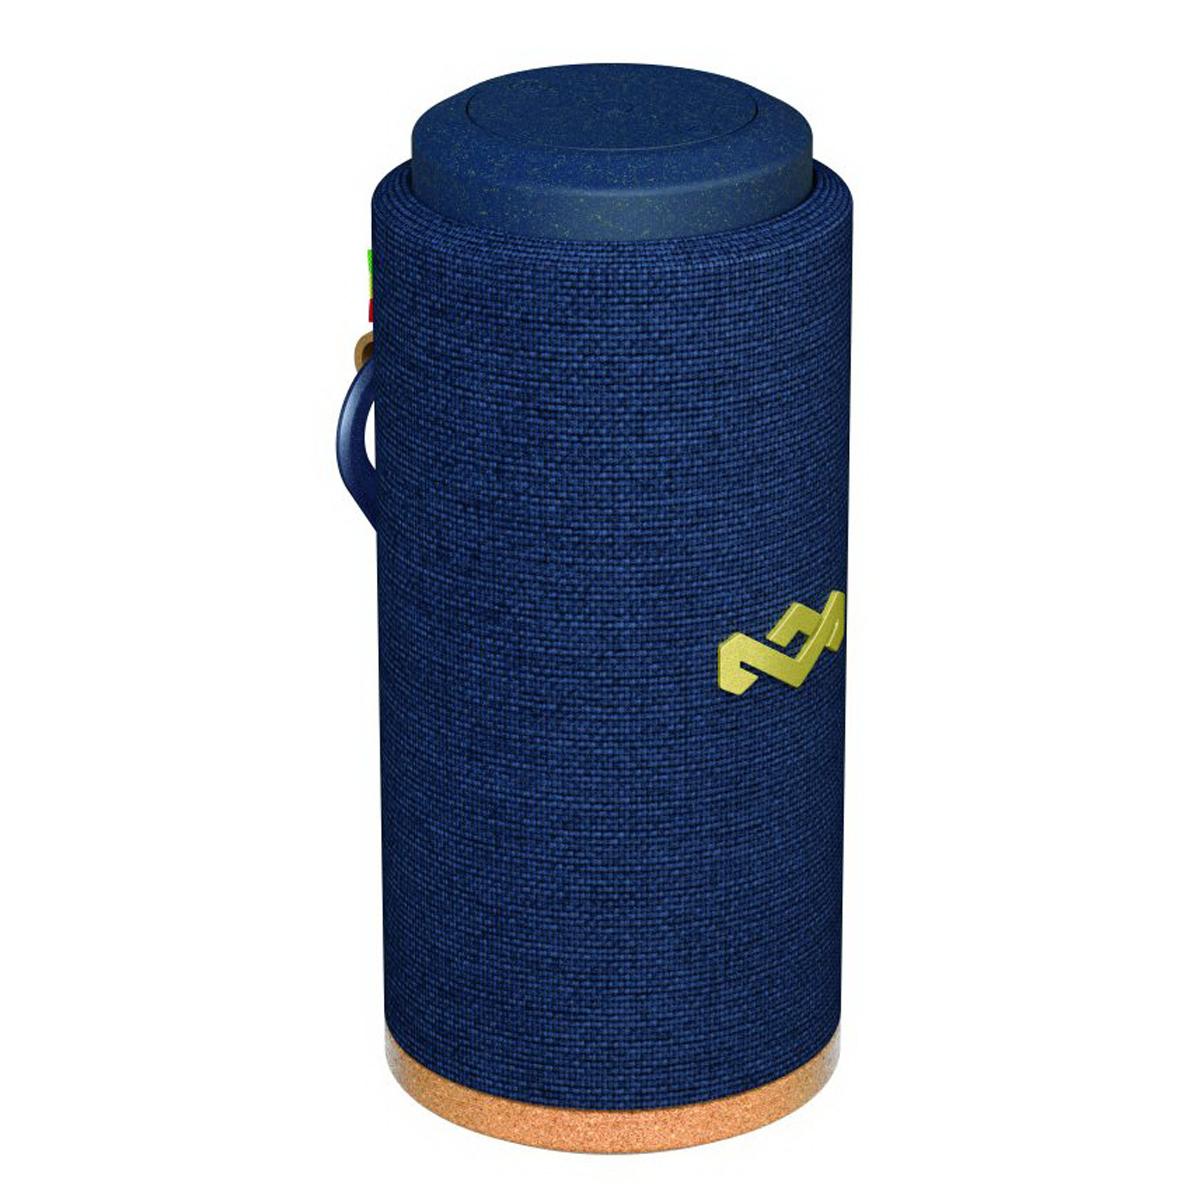 ลำโพงไร้สาย (สี Blue) รุ่น No Bounds Sport